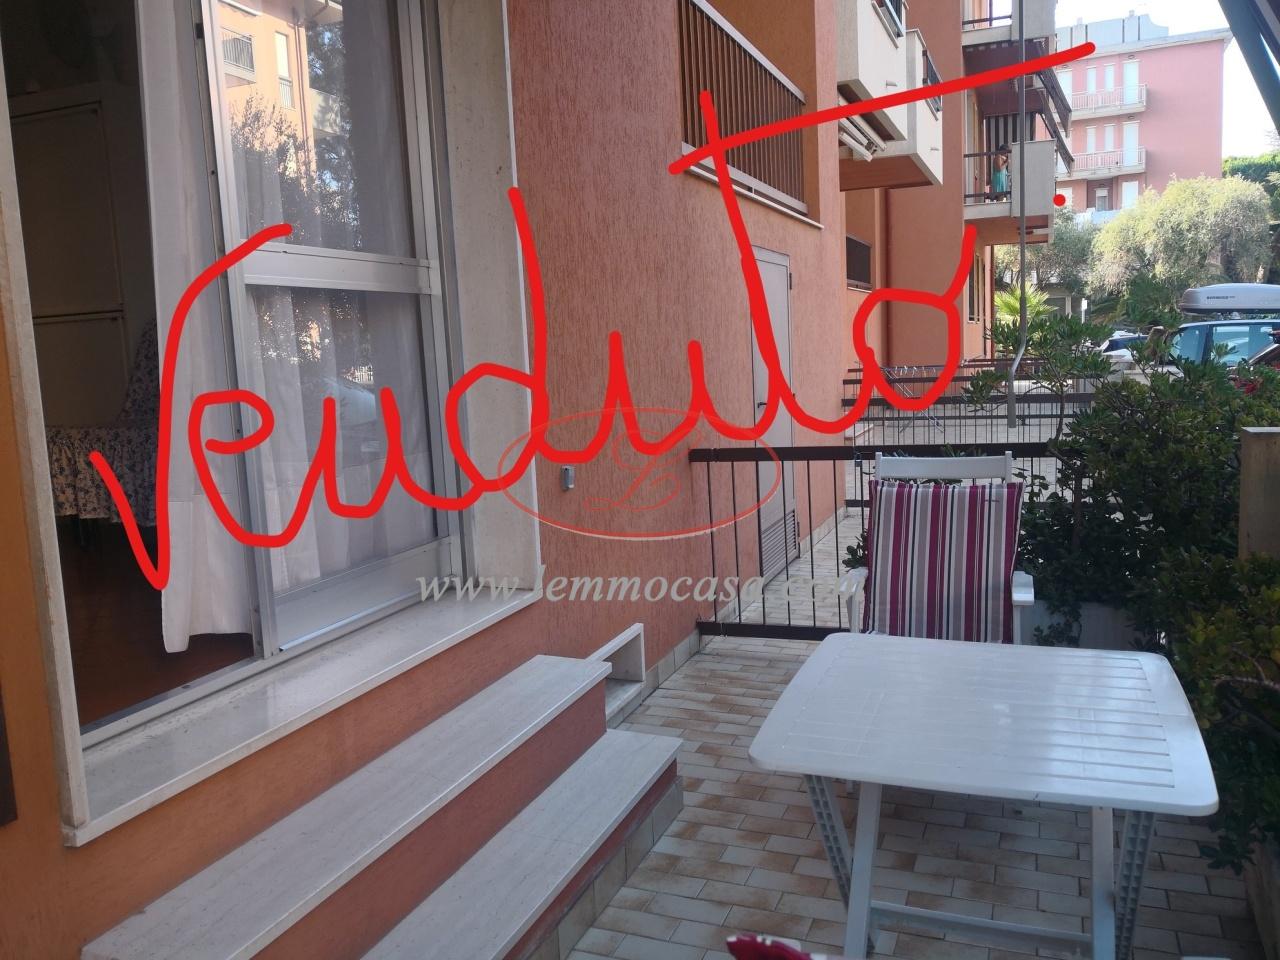 Appartamento in vendita a San Bartolomeo al Mare, 1 locali, prezzo € 115.000 | PortaleAgenzieImmobiliari.it